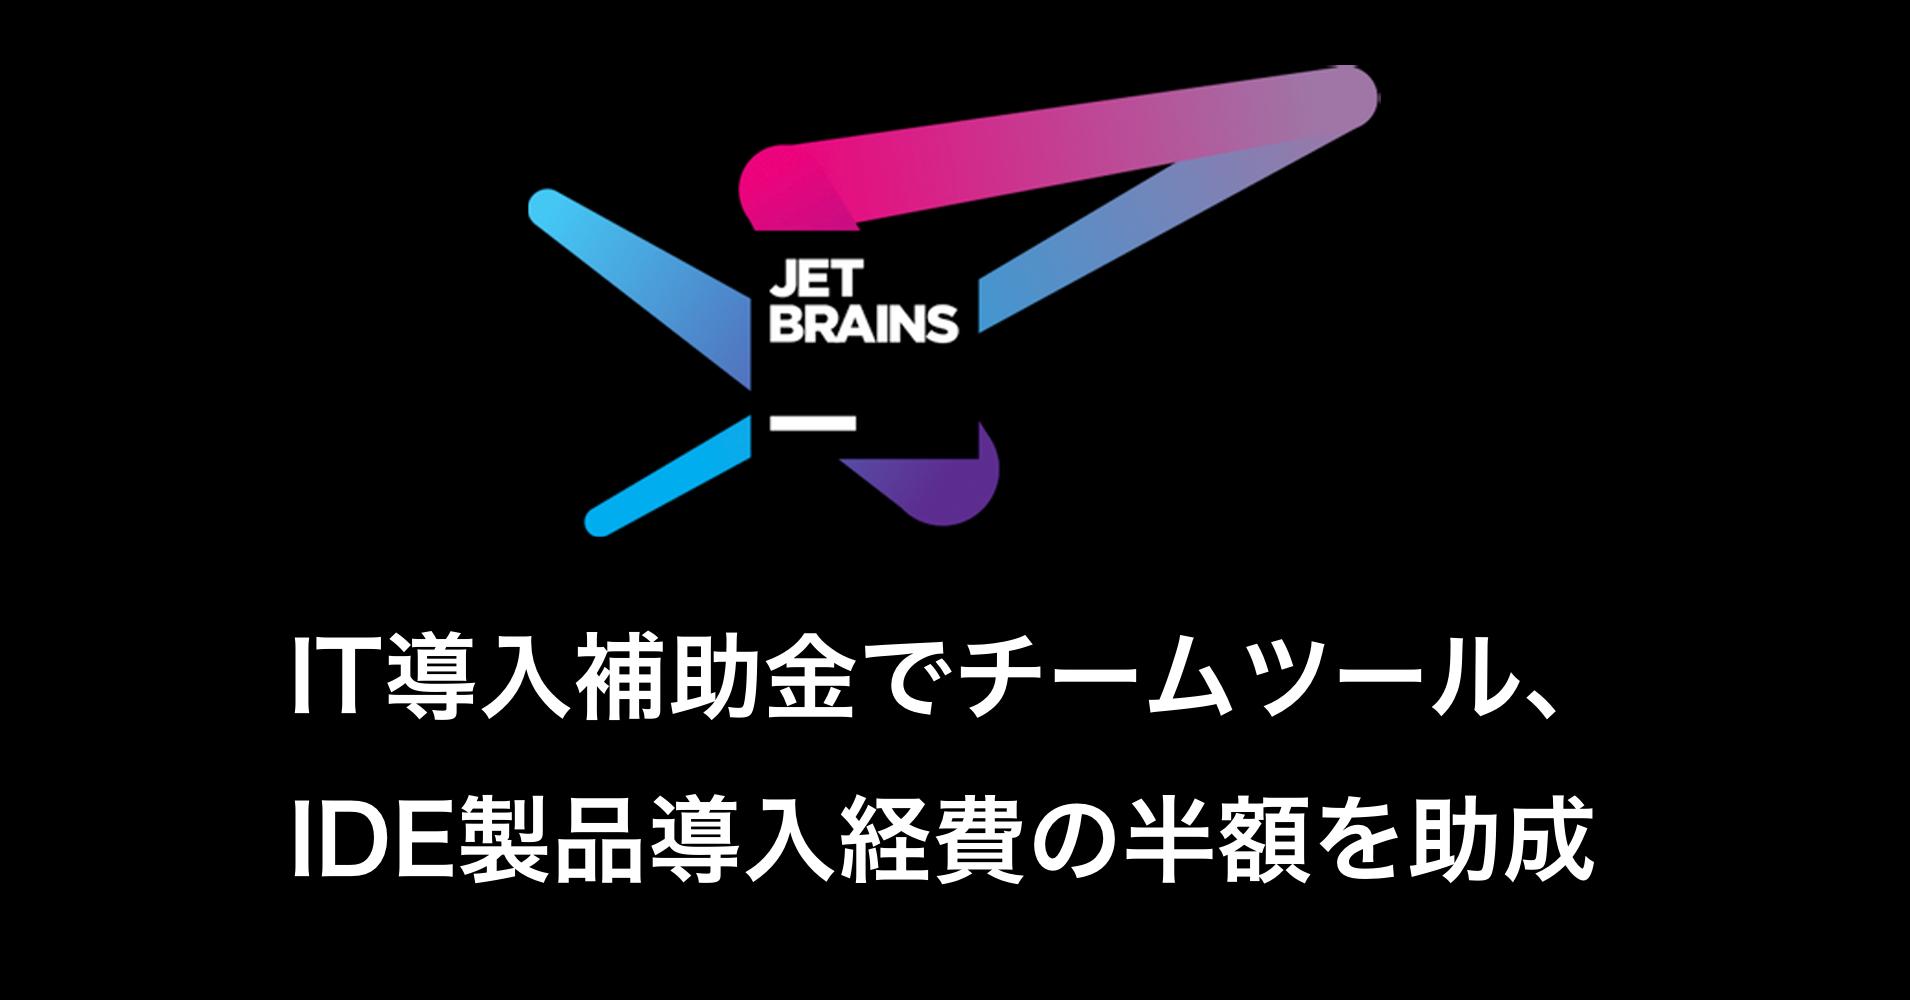 it-hojo-jetbrains